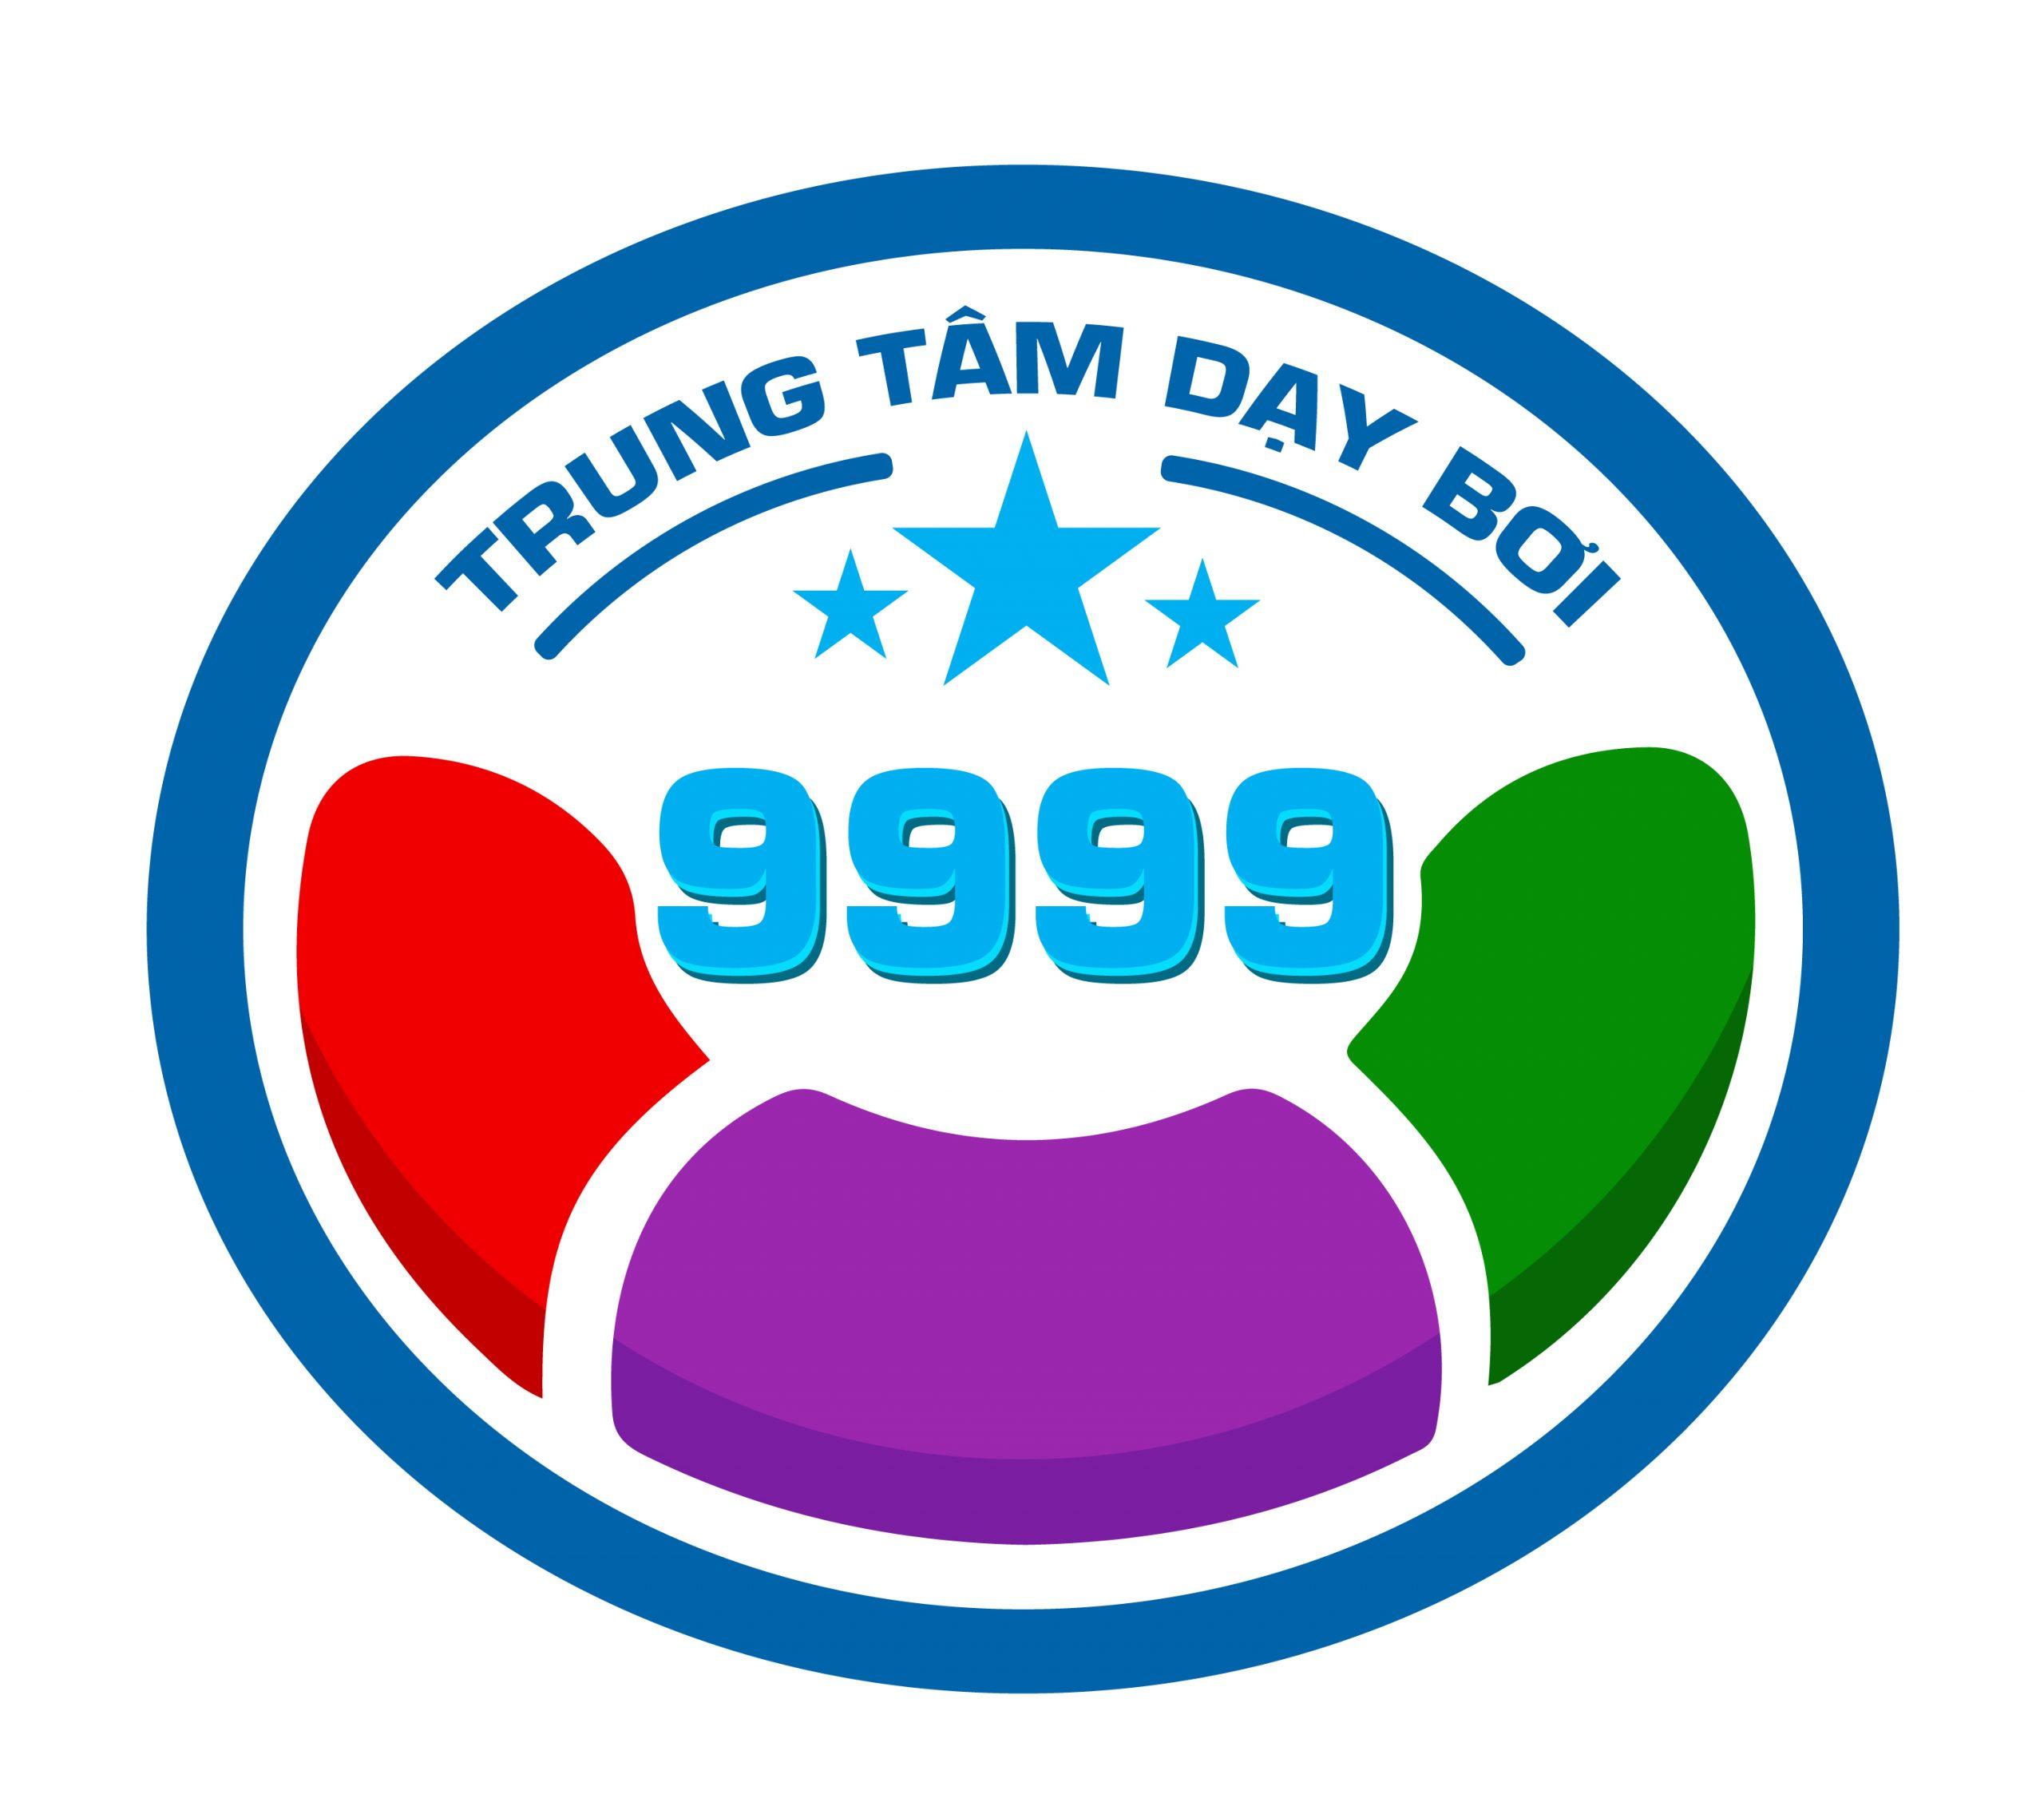 Trung Tâm Dạy Bơi 9999 TP.HCM | học bơi chất lượng tại TPHCM